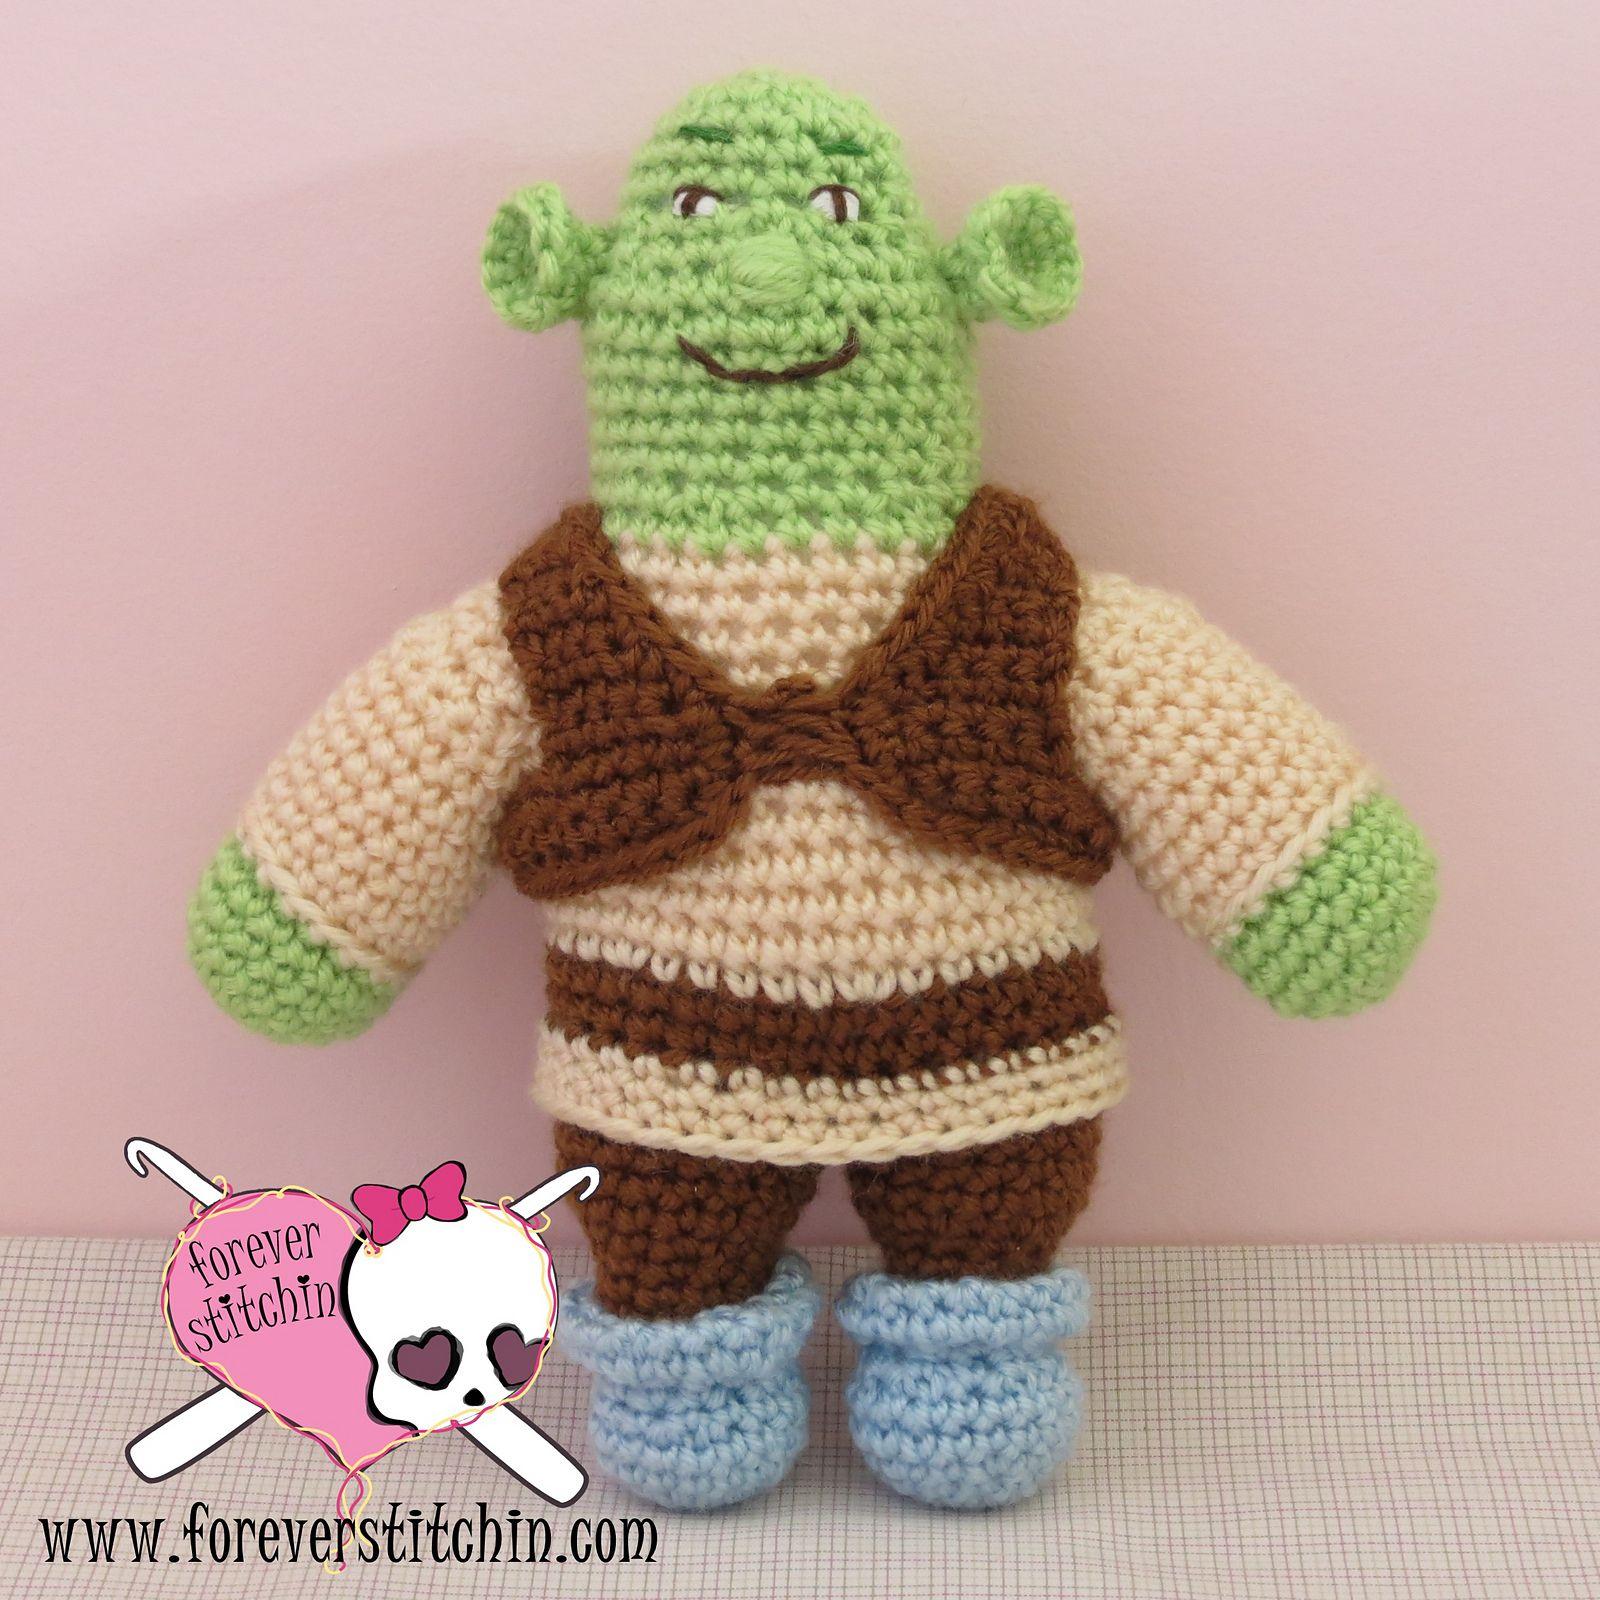 Ravelry  Shrek pattern by Forever Stitchin  2bda07d5499